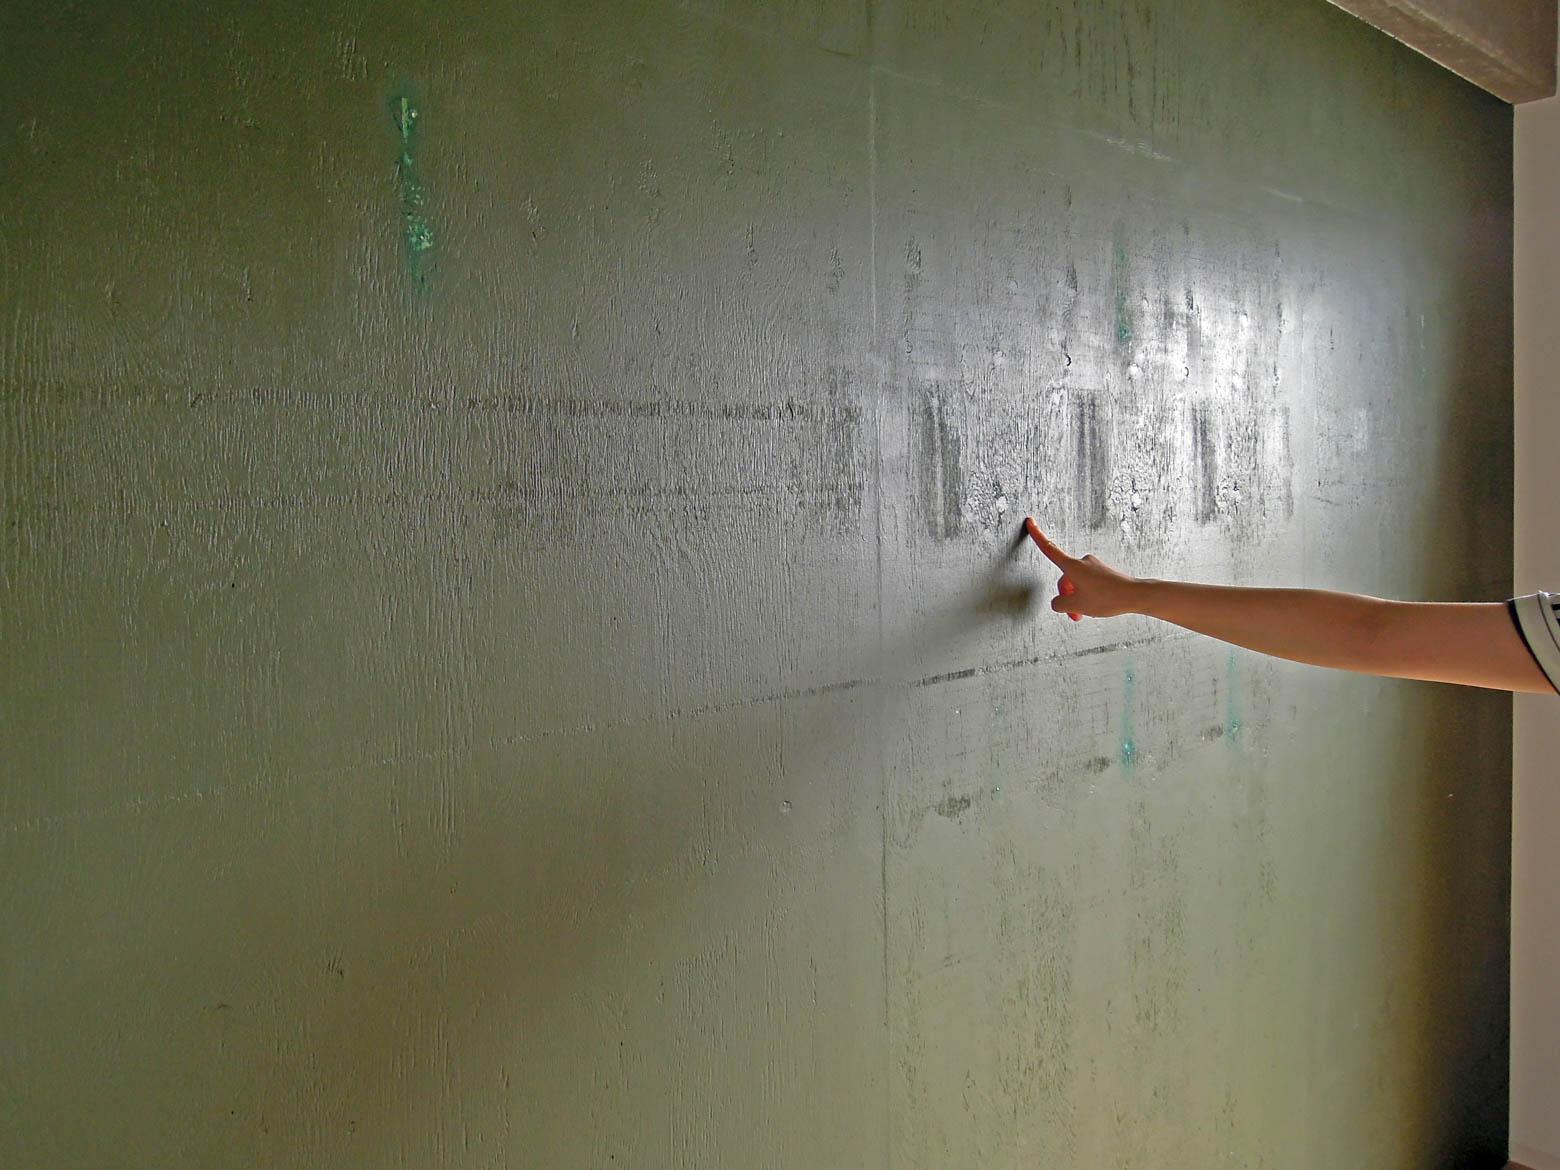 以前の住民がDIYで緑色に塗った壁。何かを留めた釘跡が見えます。